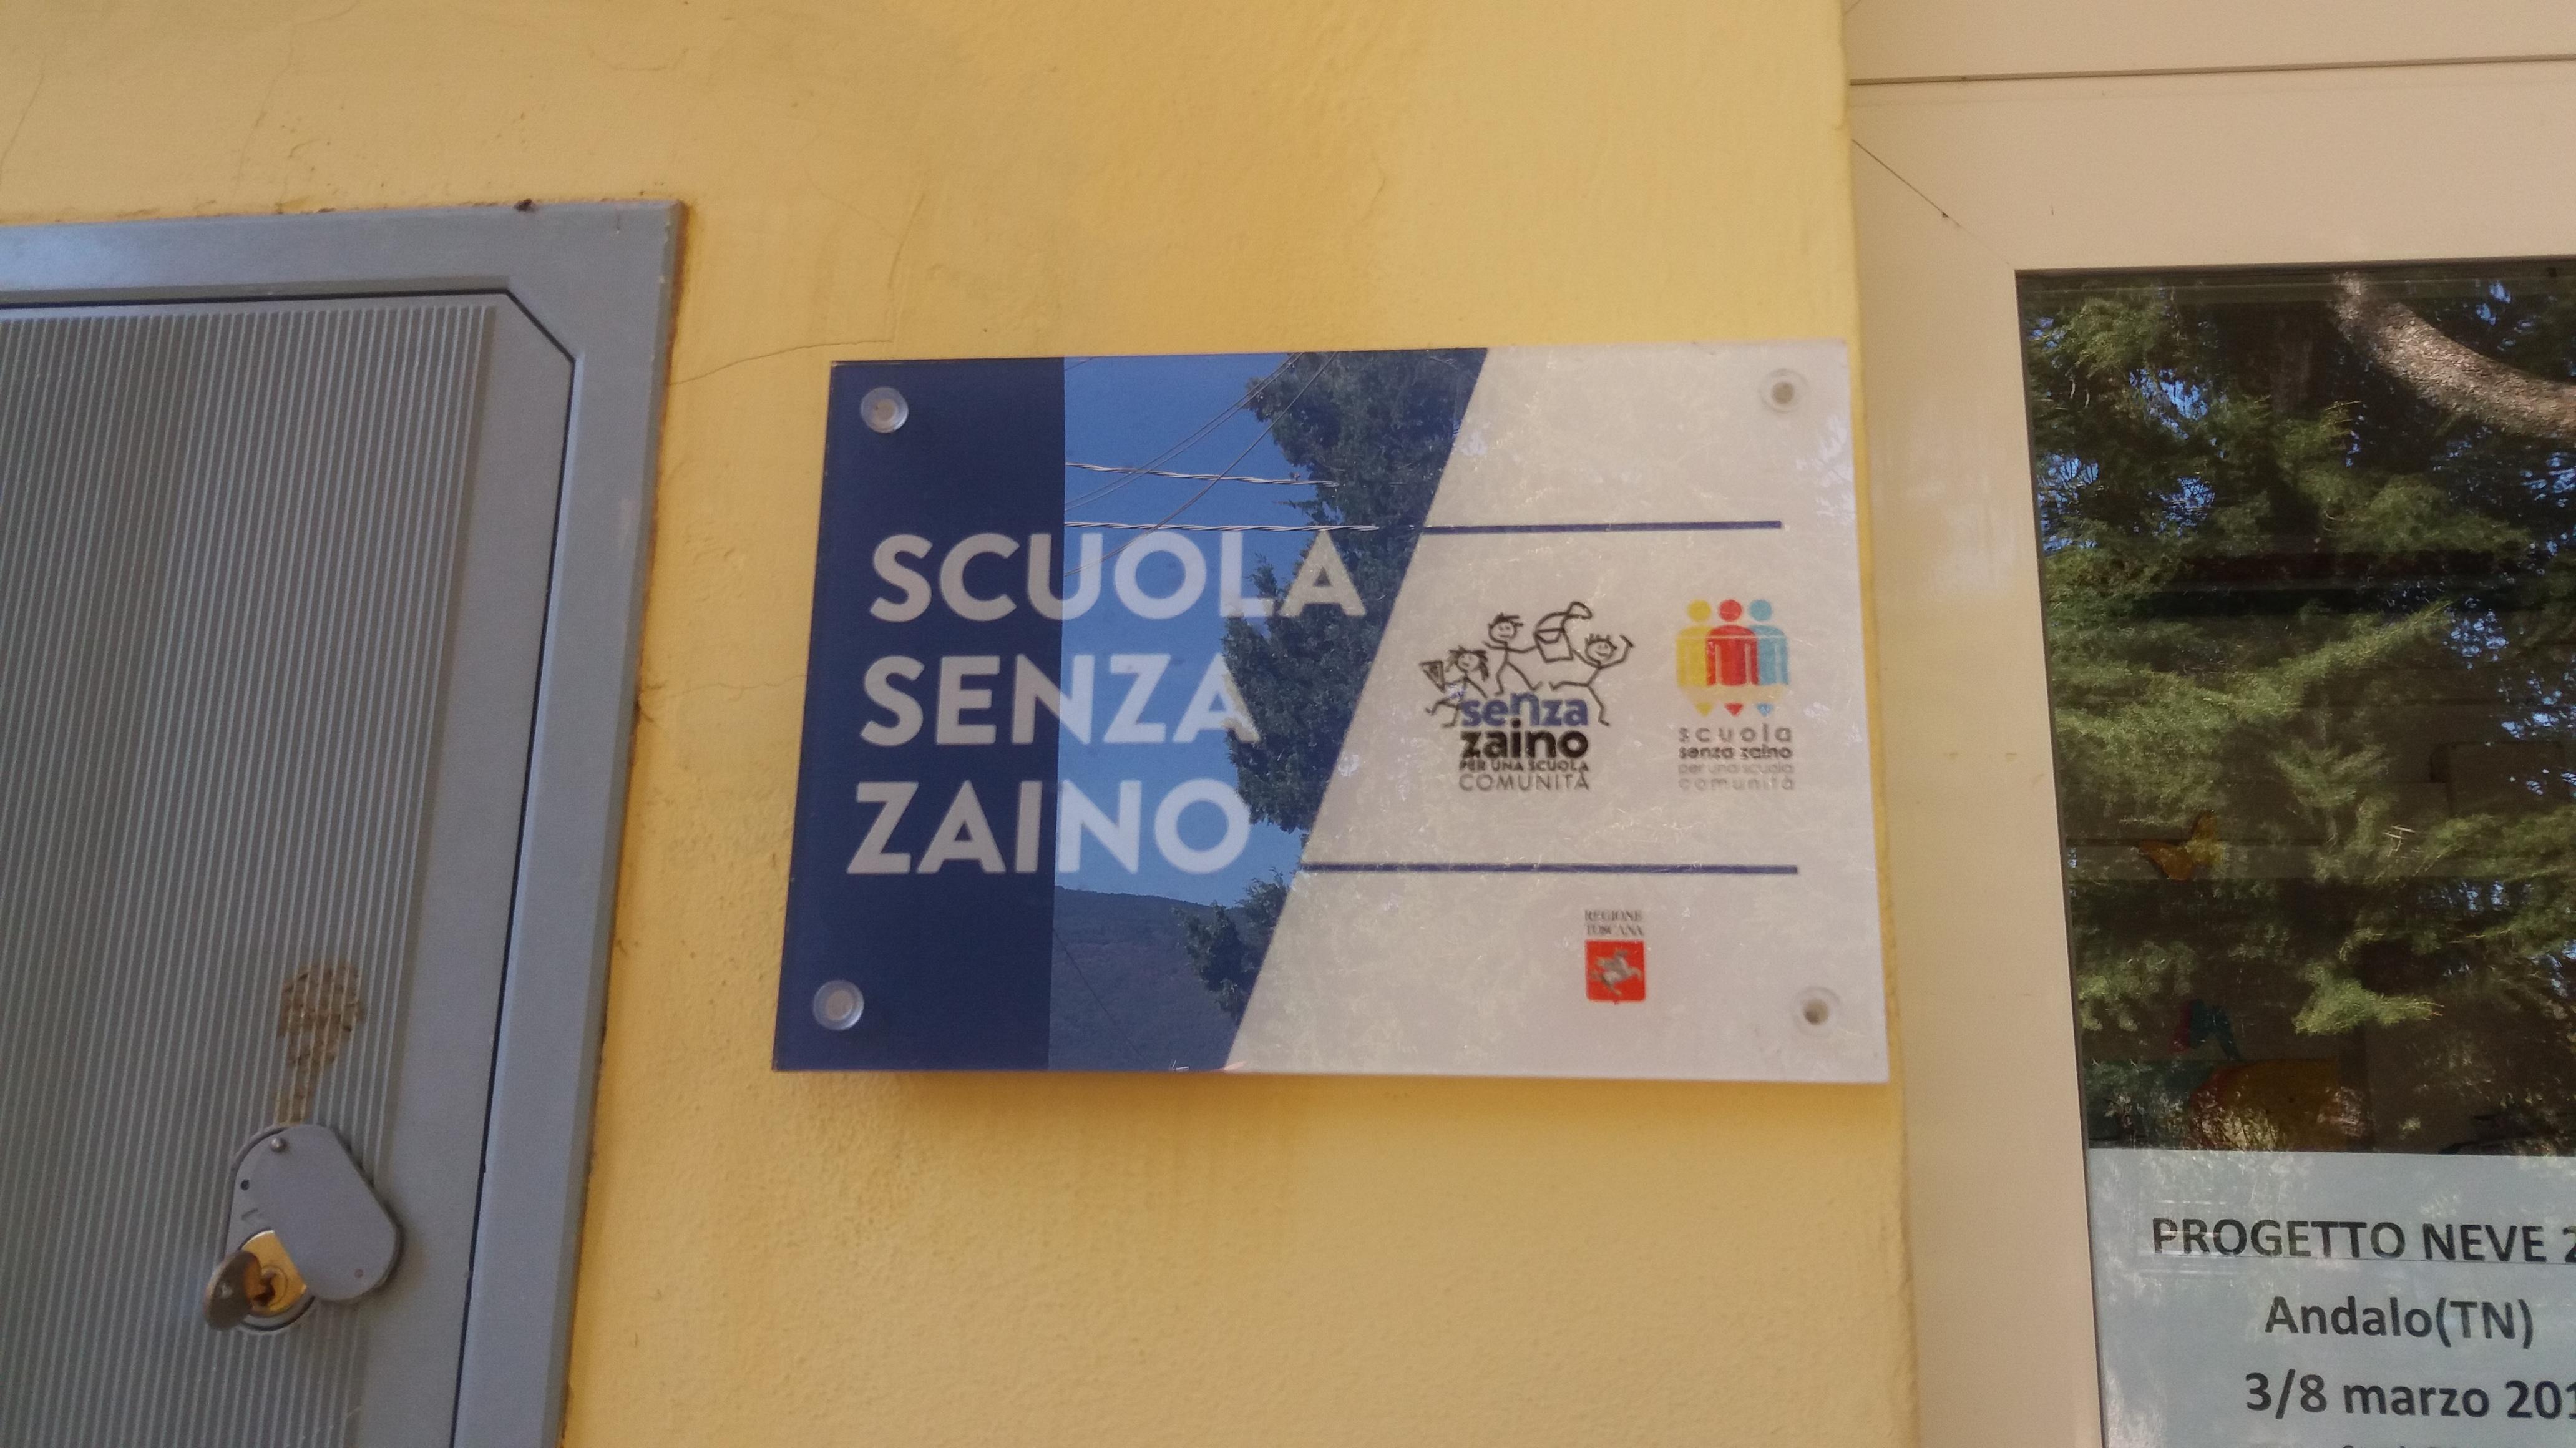 Scuola Senza Zaino, cronaca di un esperimento riuscito